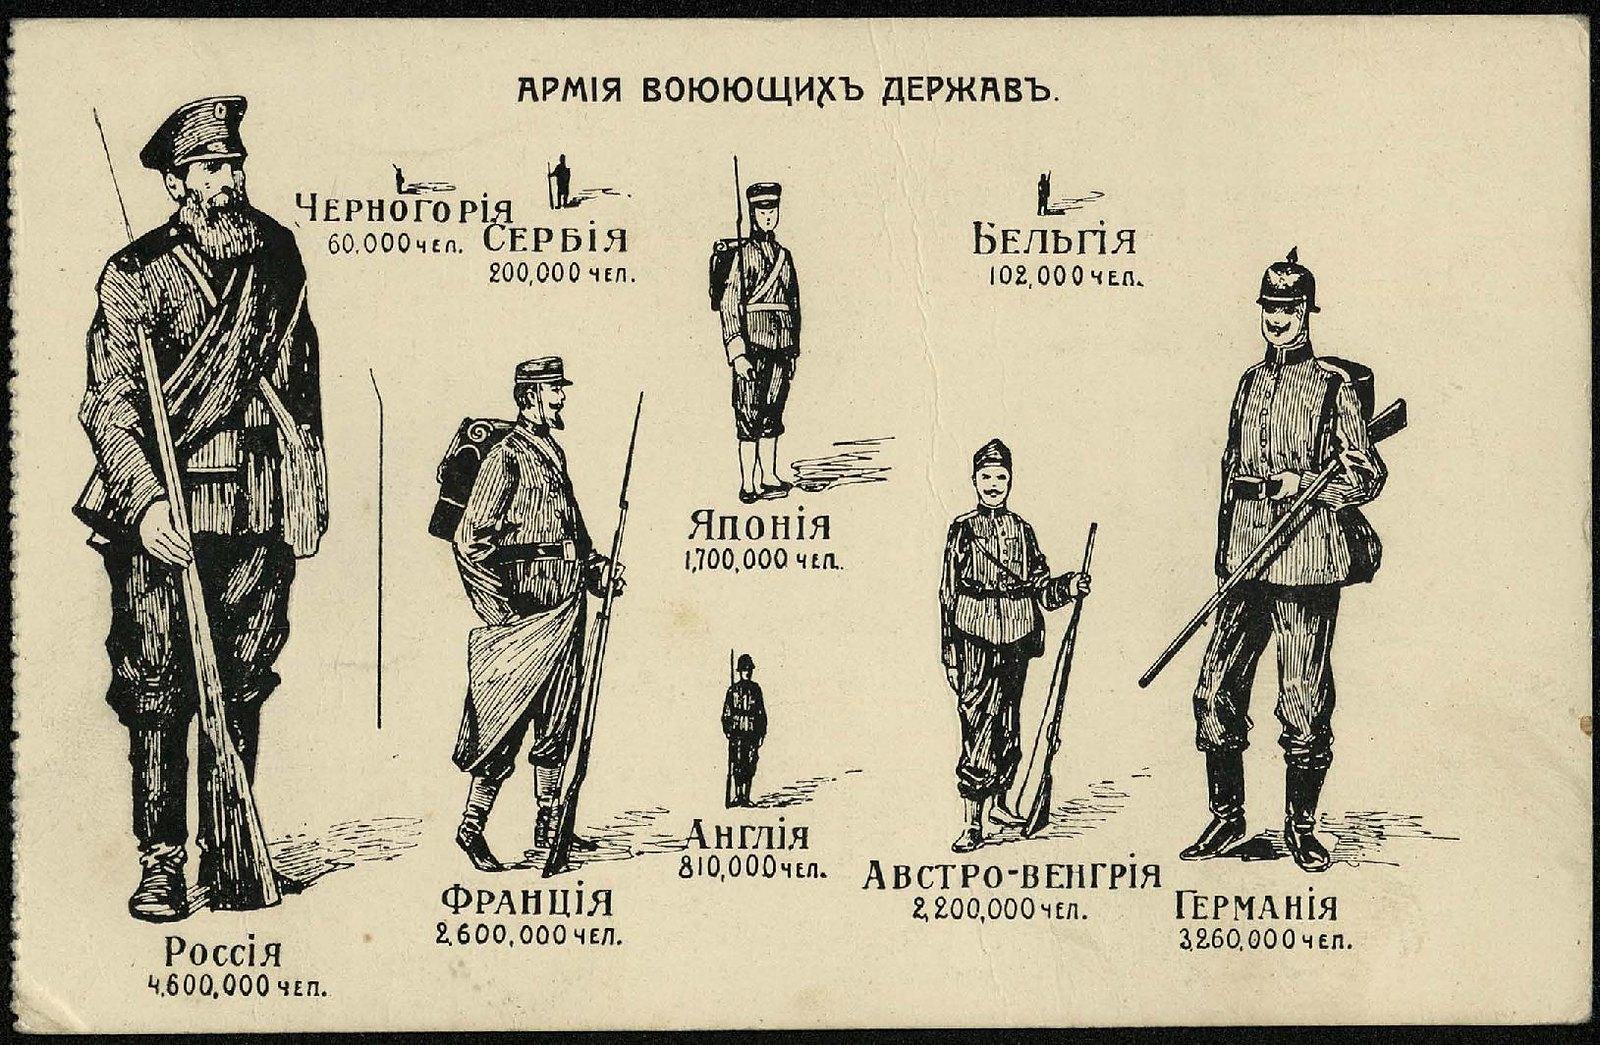 1914. Армия воюющих держав